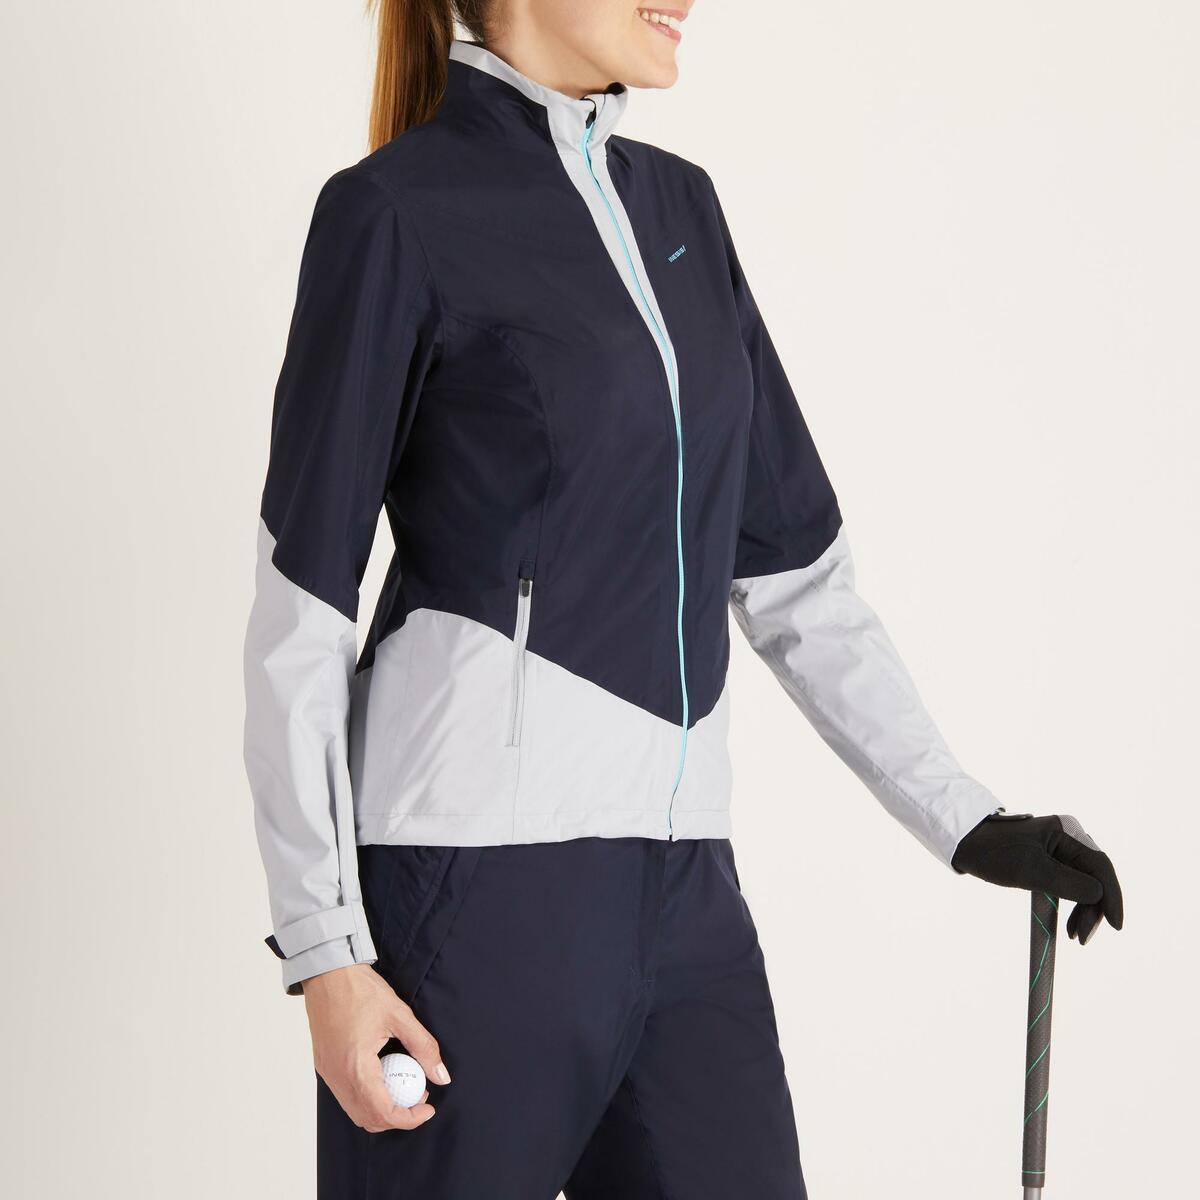 Bild 3 von Golf Regenjacke 900 Damen marineblau/grau wasserdicht